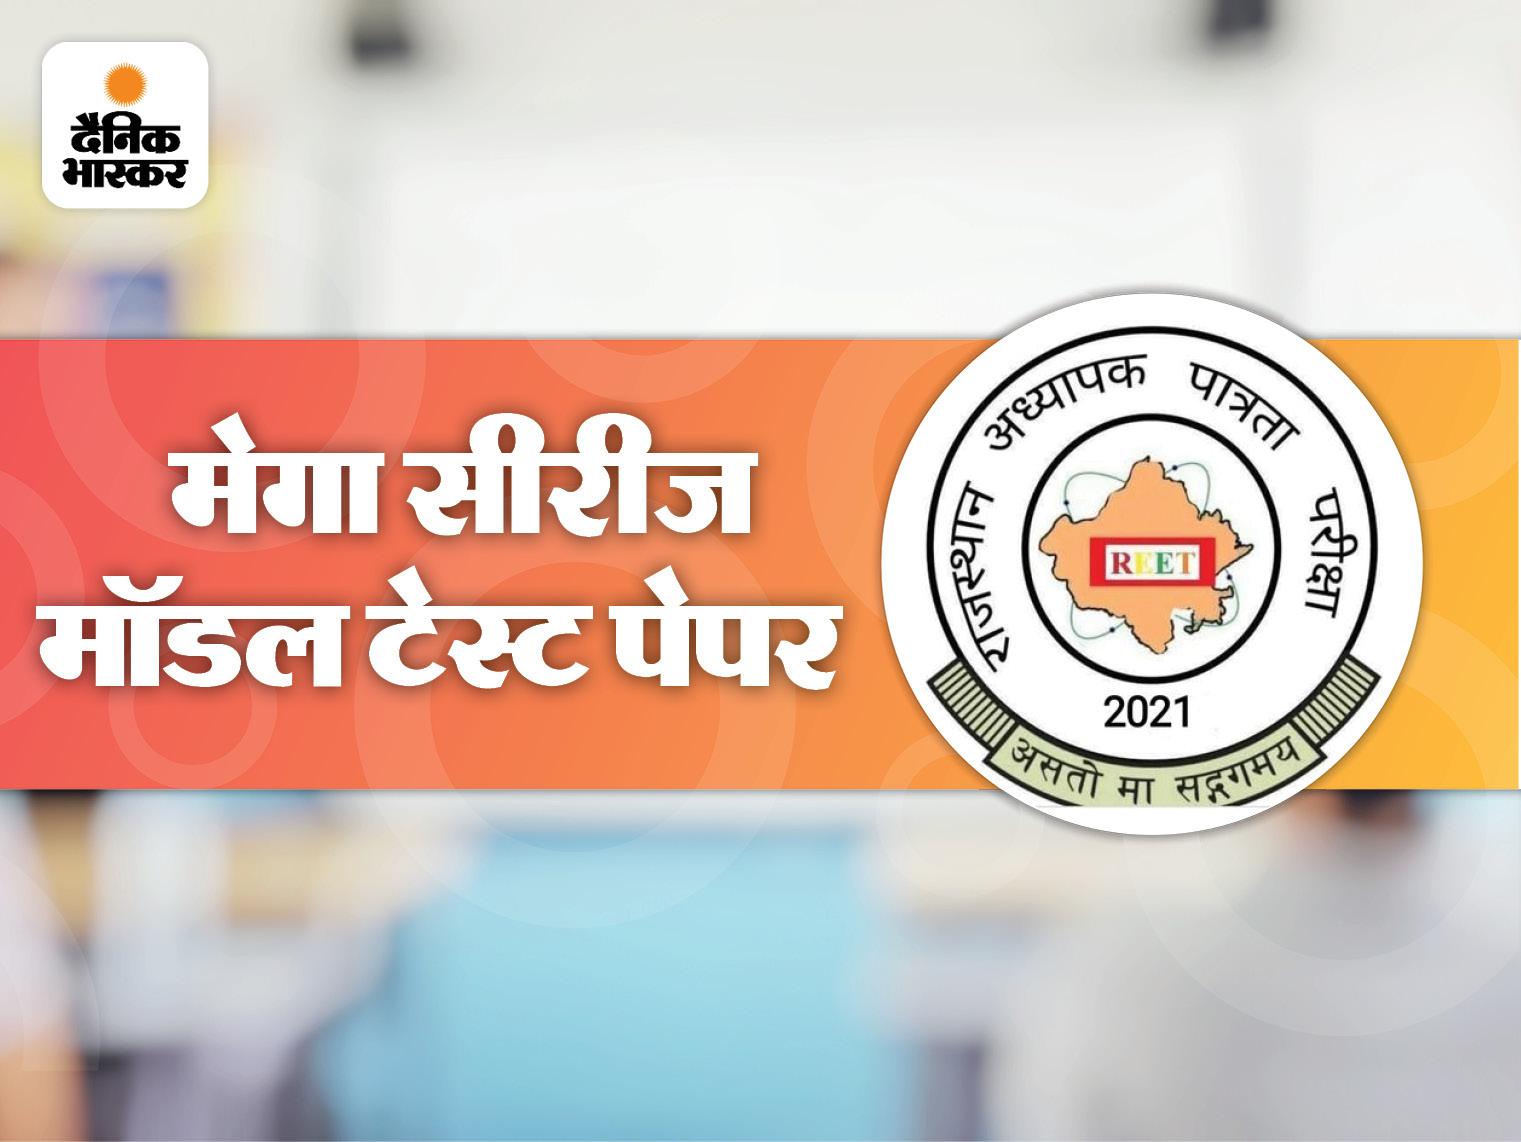 150 प्रश्नों का कम्प्लीट मॉडल टेस्ट पेपर करें सॉल्व, बाल विकास और शिक्षण विधियां, हिन्दी, अंग्रेजी, संस्कृत, ईवीएस, गणितकेमॉडल प्रश्न पत्र|REET 2021,REET 2021 - Dainik Bhaskar